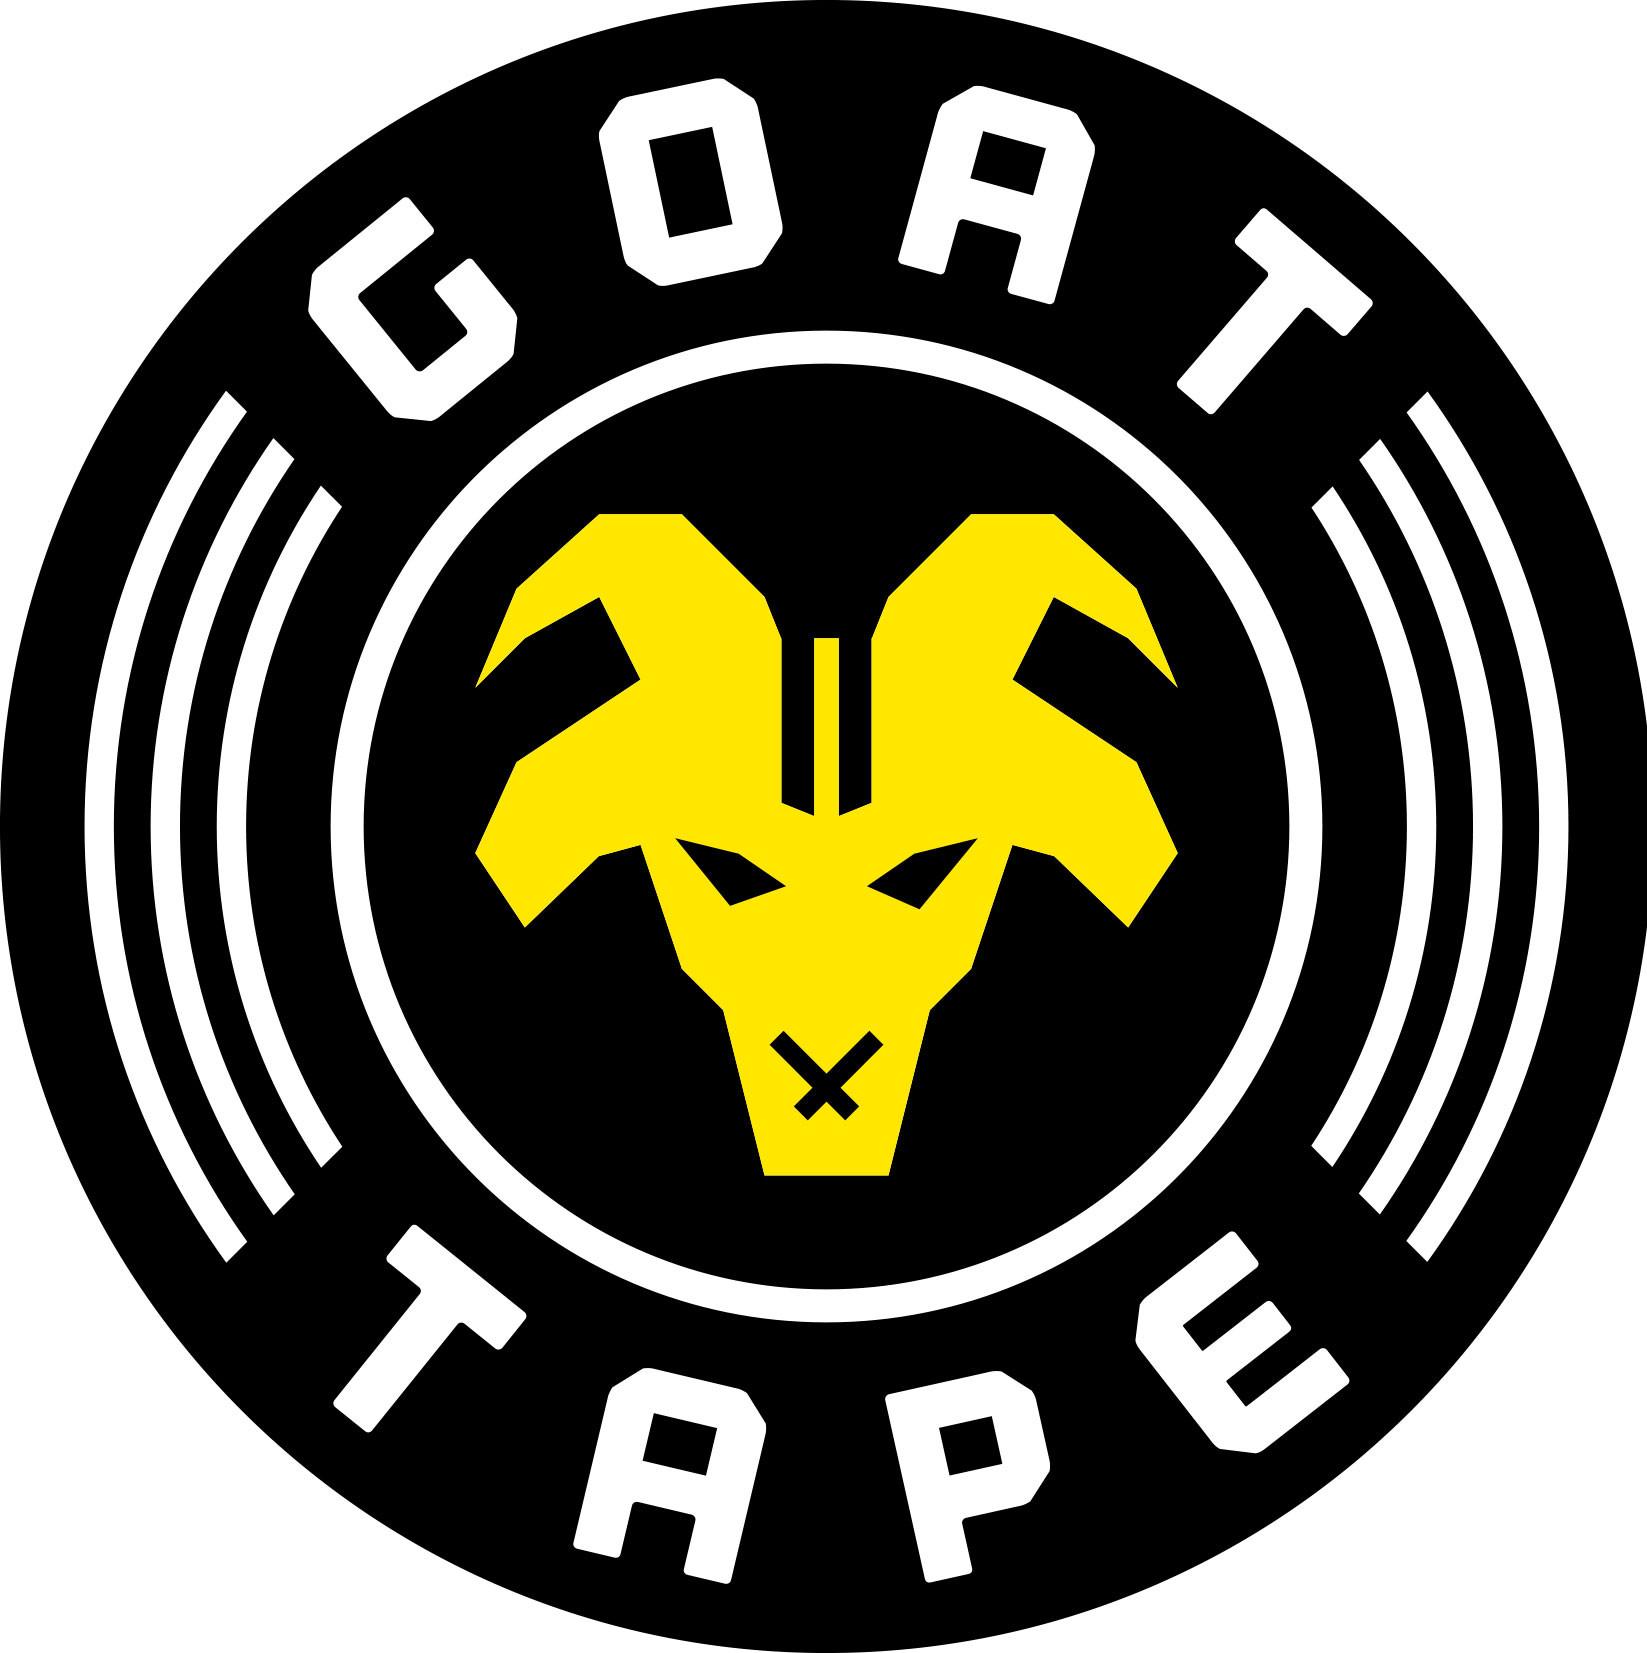 Goat Tape